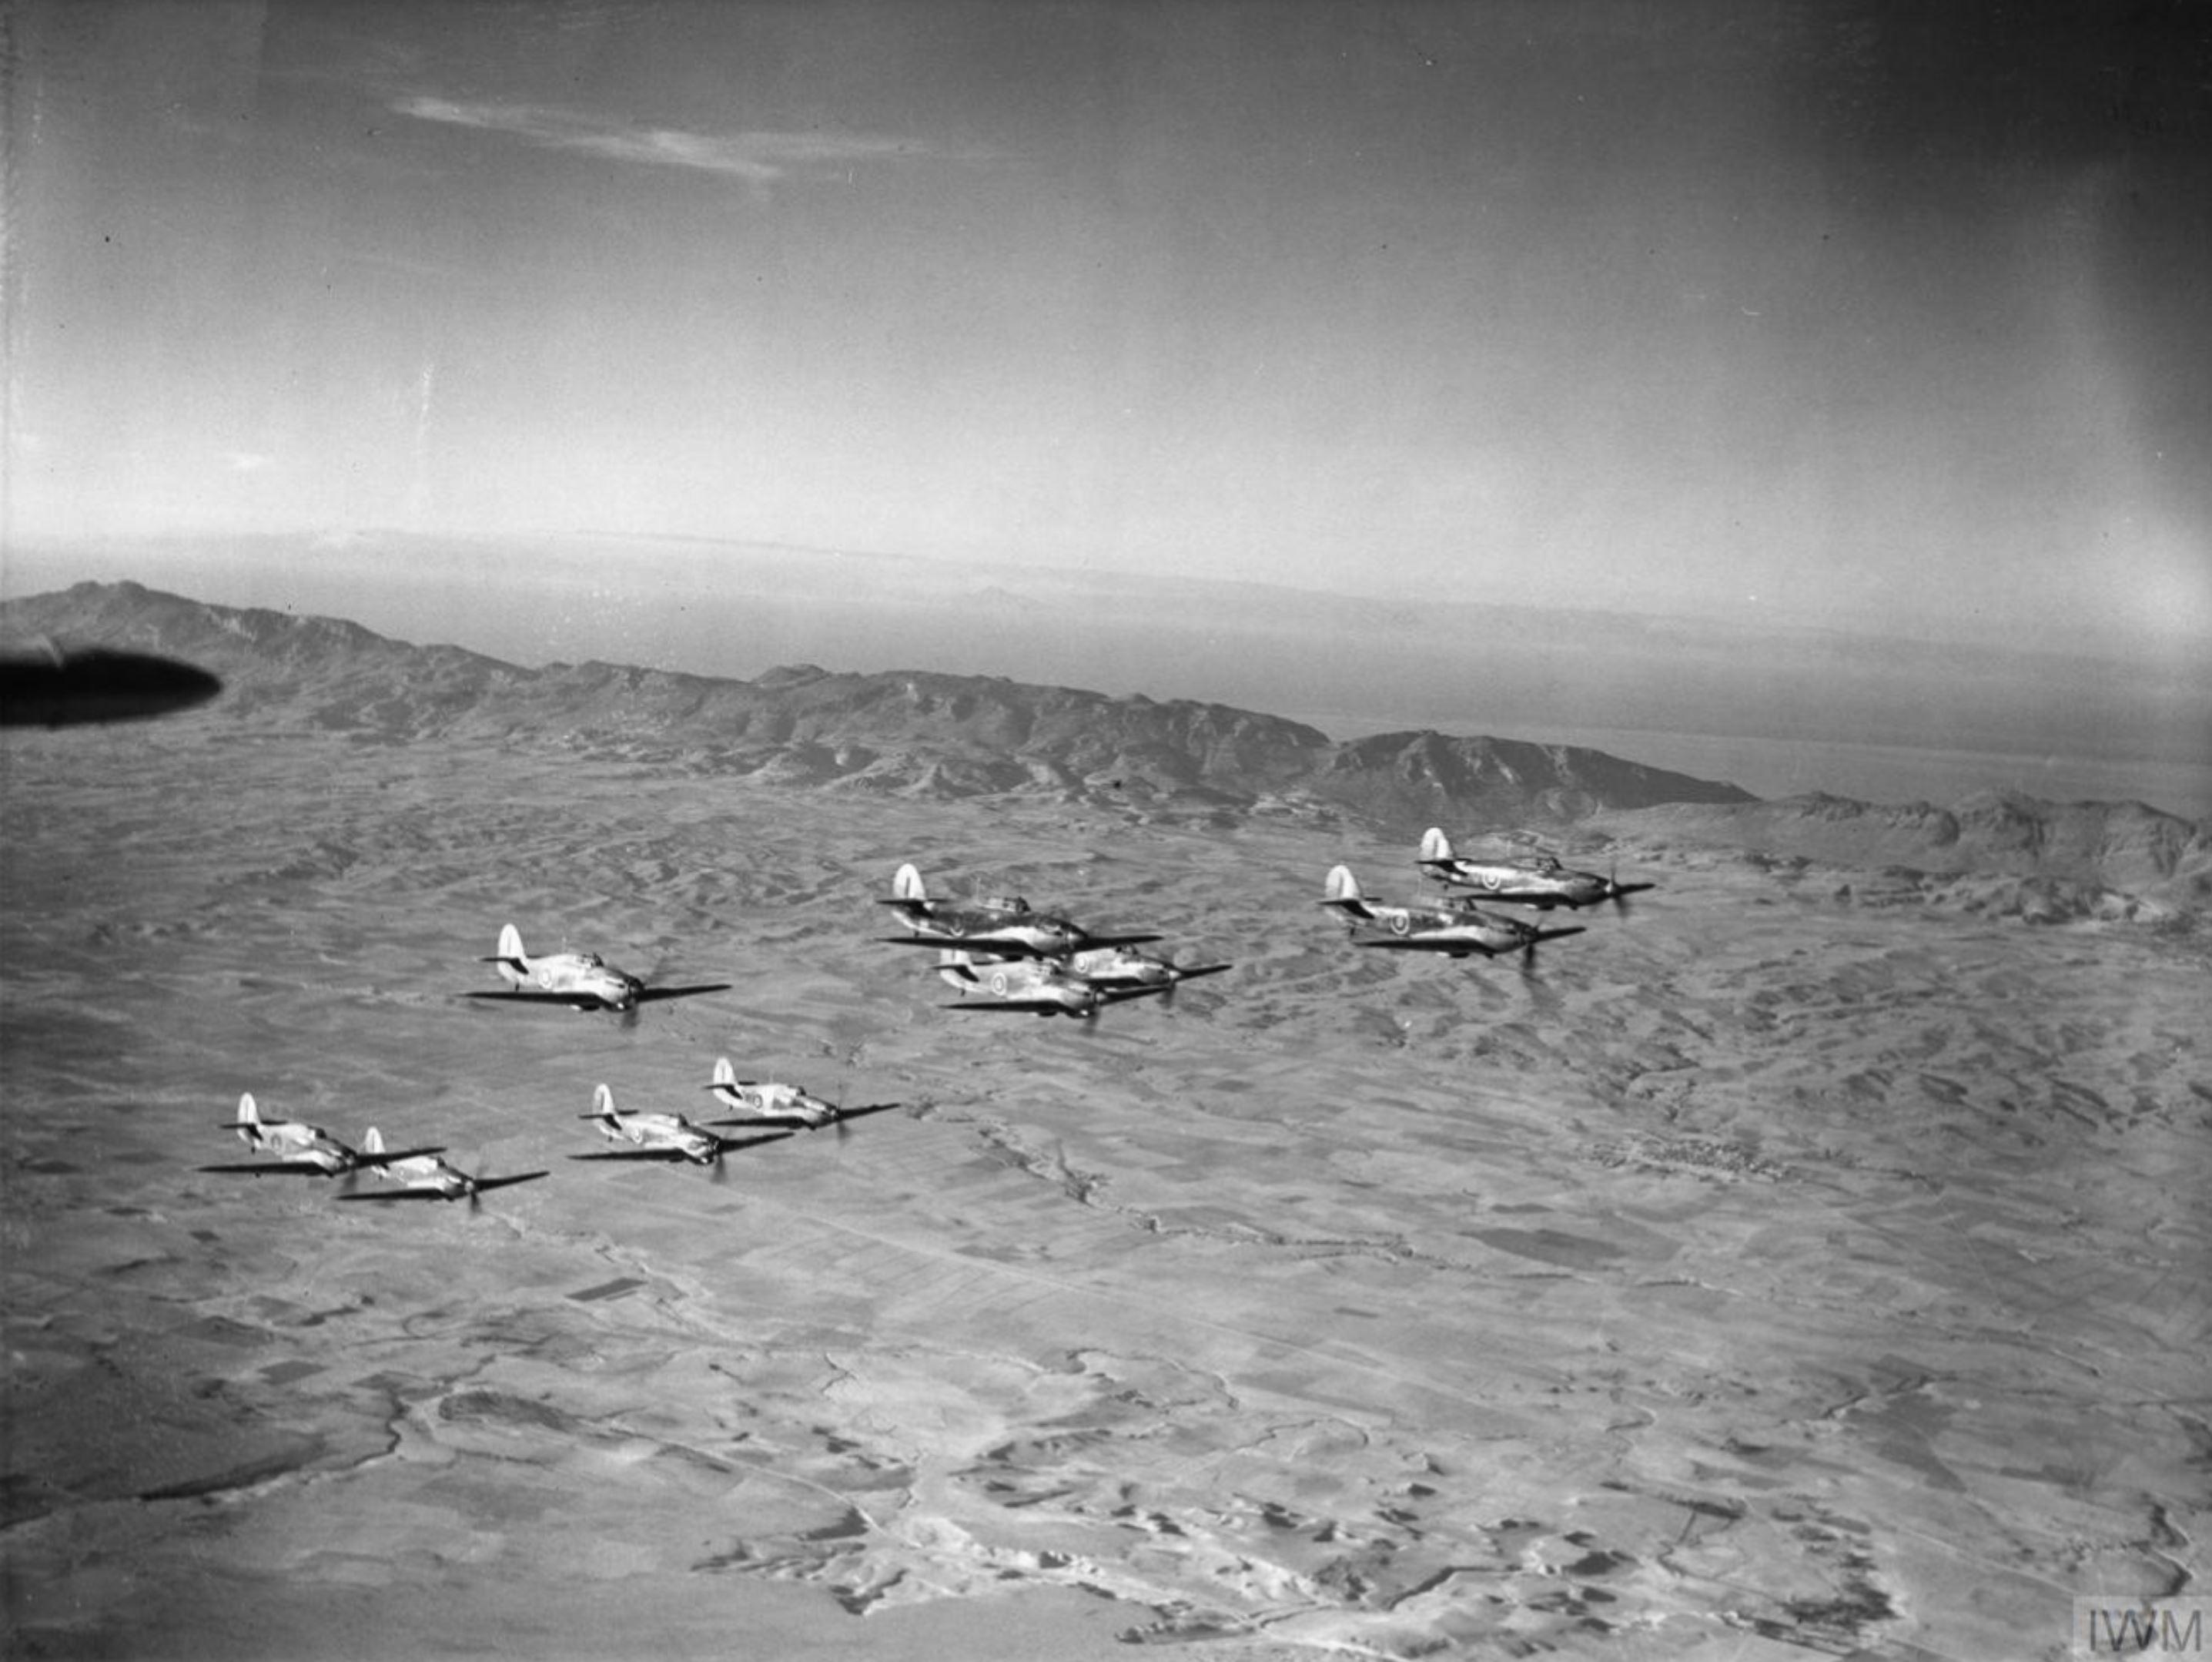 Hurricane I RAF 213Sqn based at Nicosia over Cyprus IWM 2470